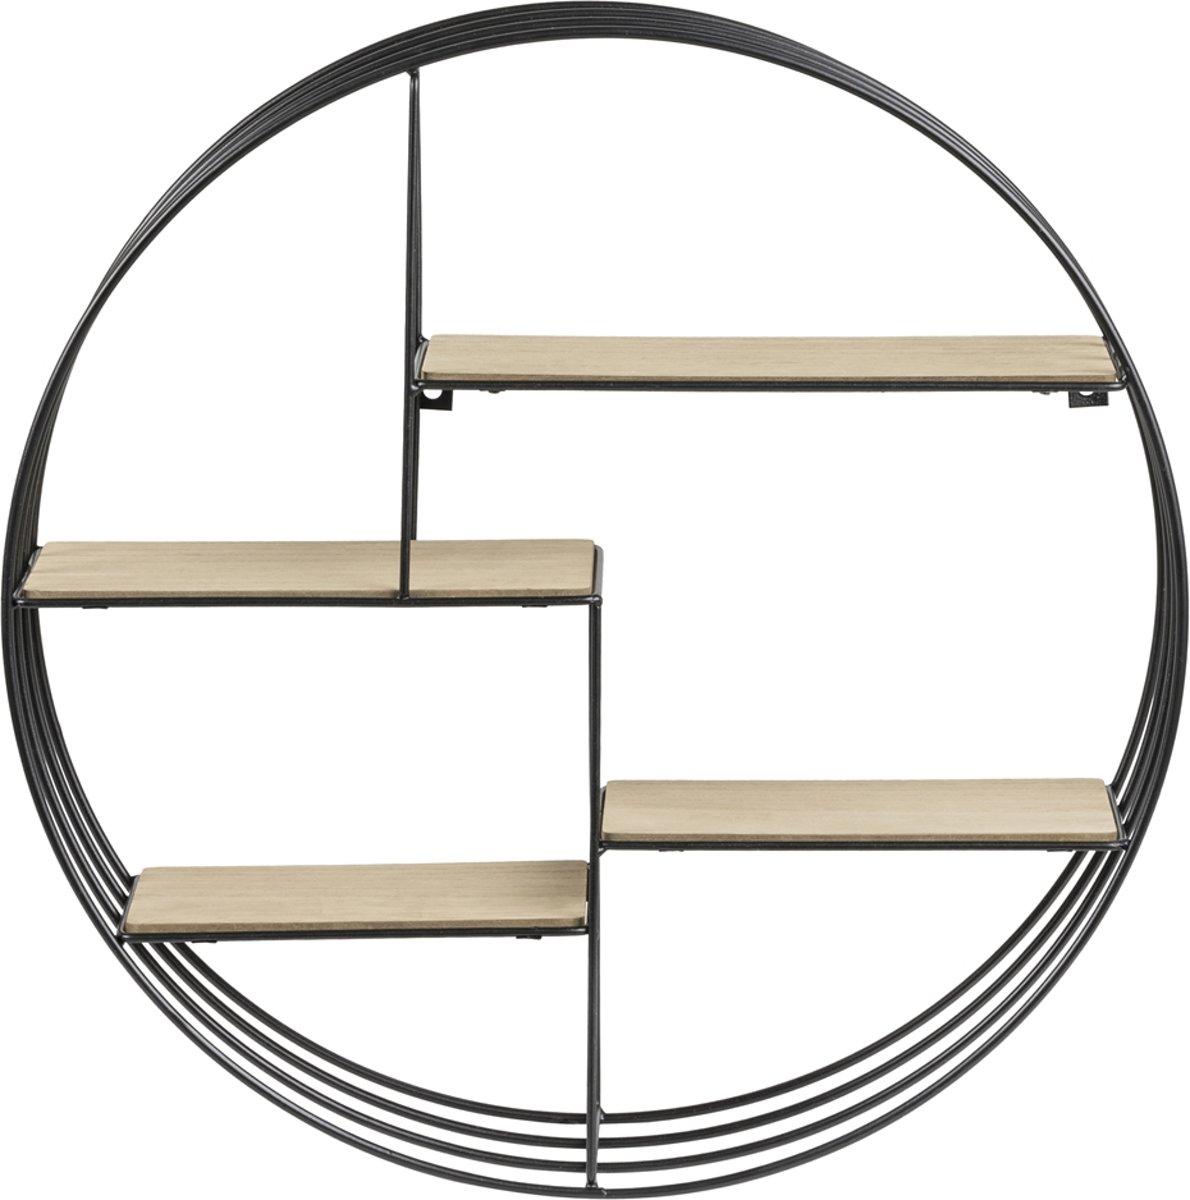 Wandrek DOL rond 45cm metaal zwart met houten planken kopen